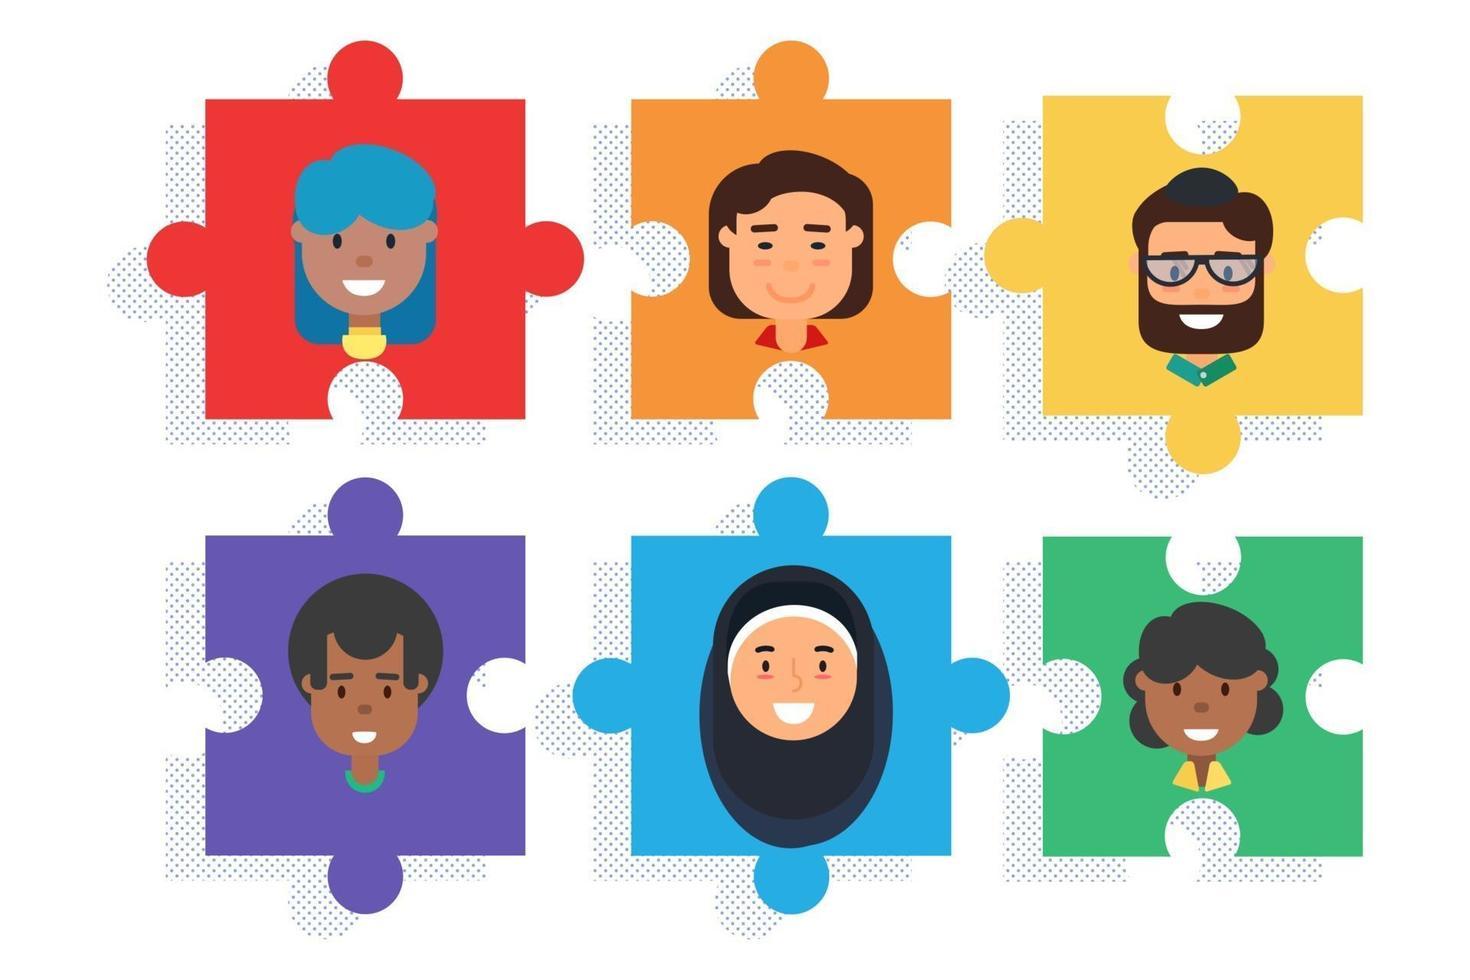 abwechslungsreiches Team für Rätsel, Vielfalt und Teamwork vektor